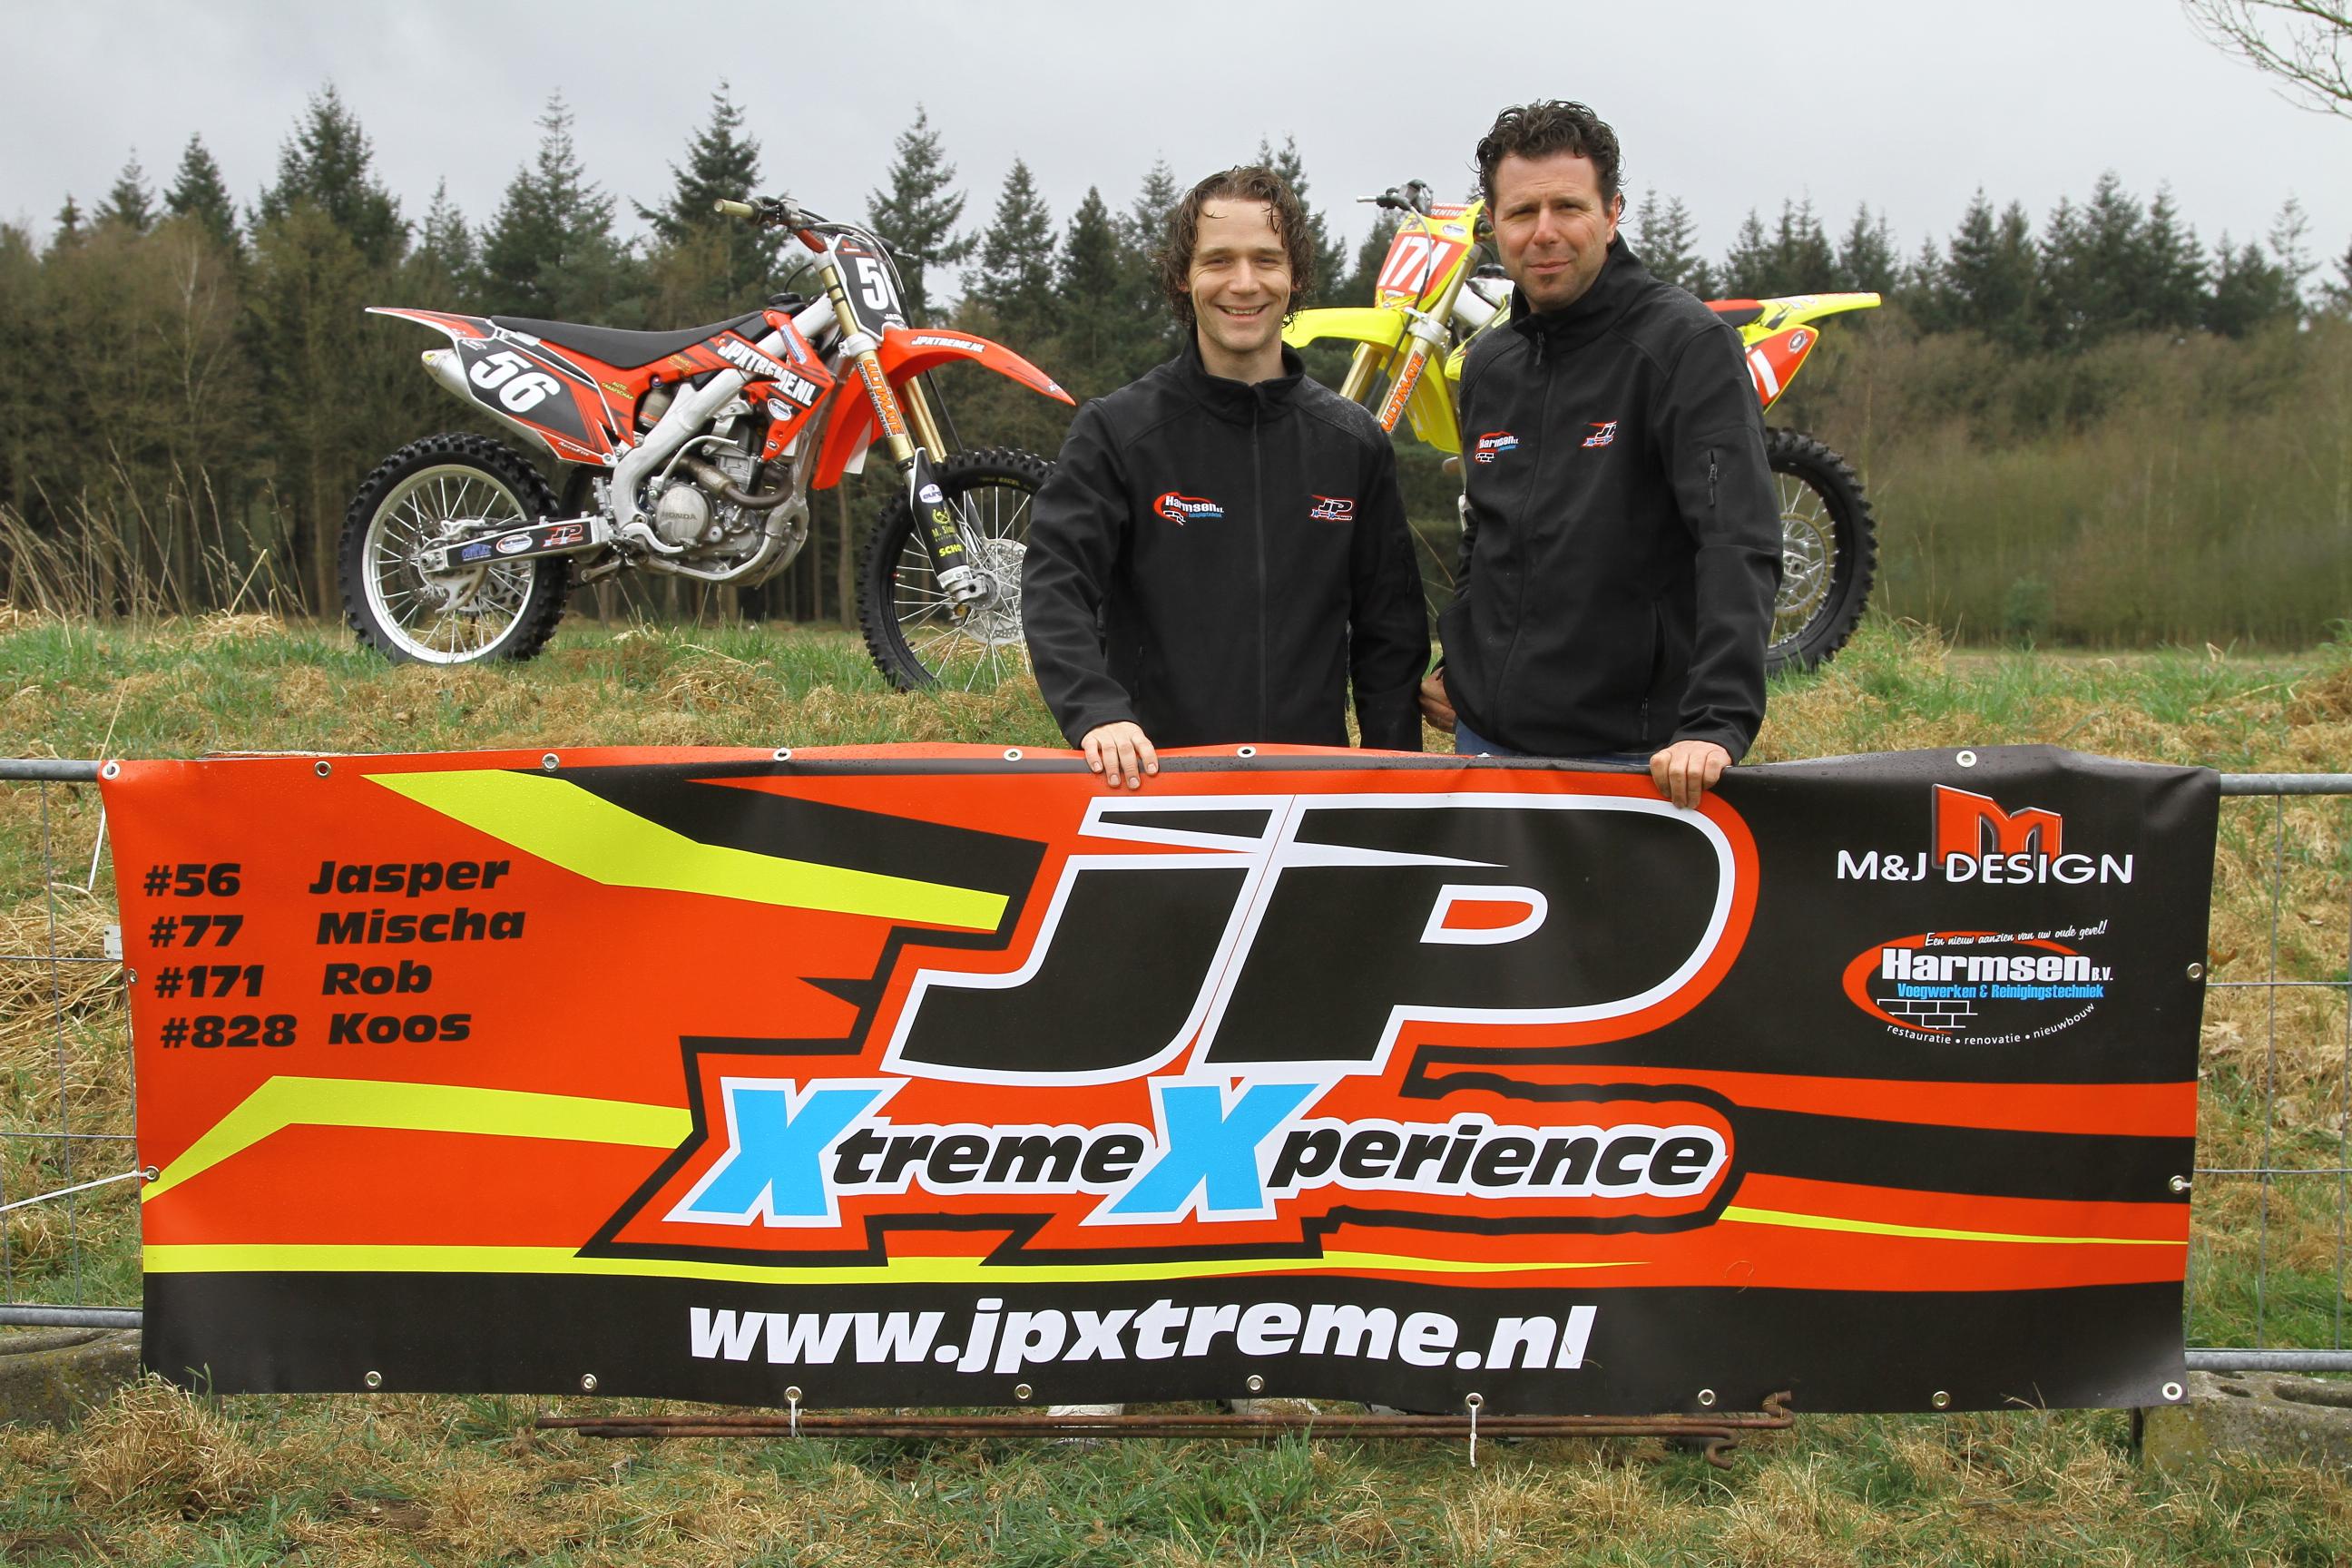 team-jpxtreme-xperience-2012-foto-henk-teerink-29